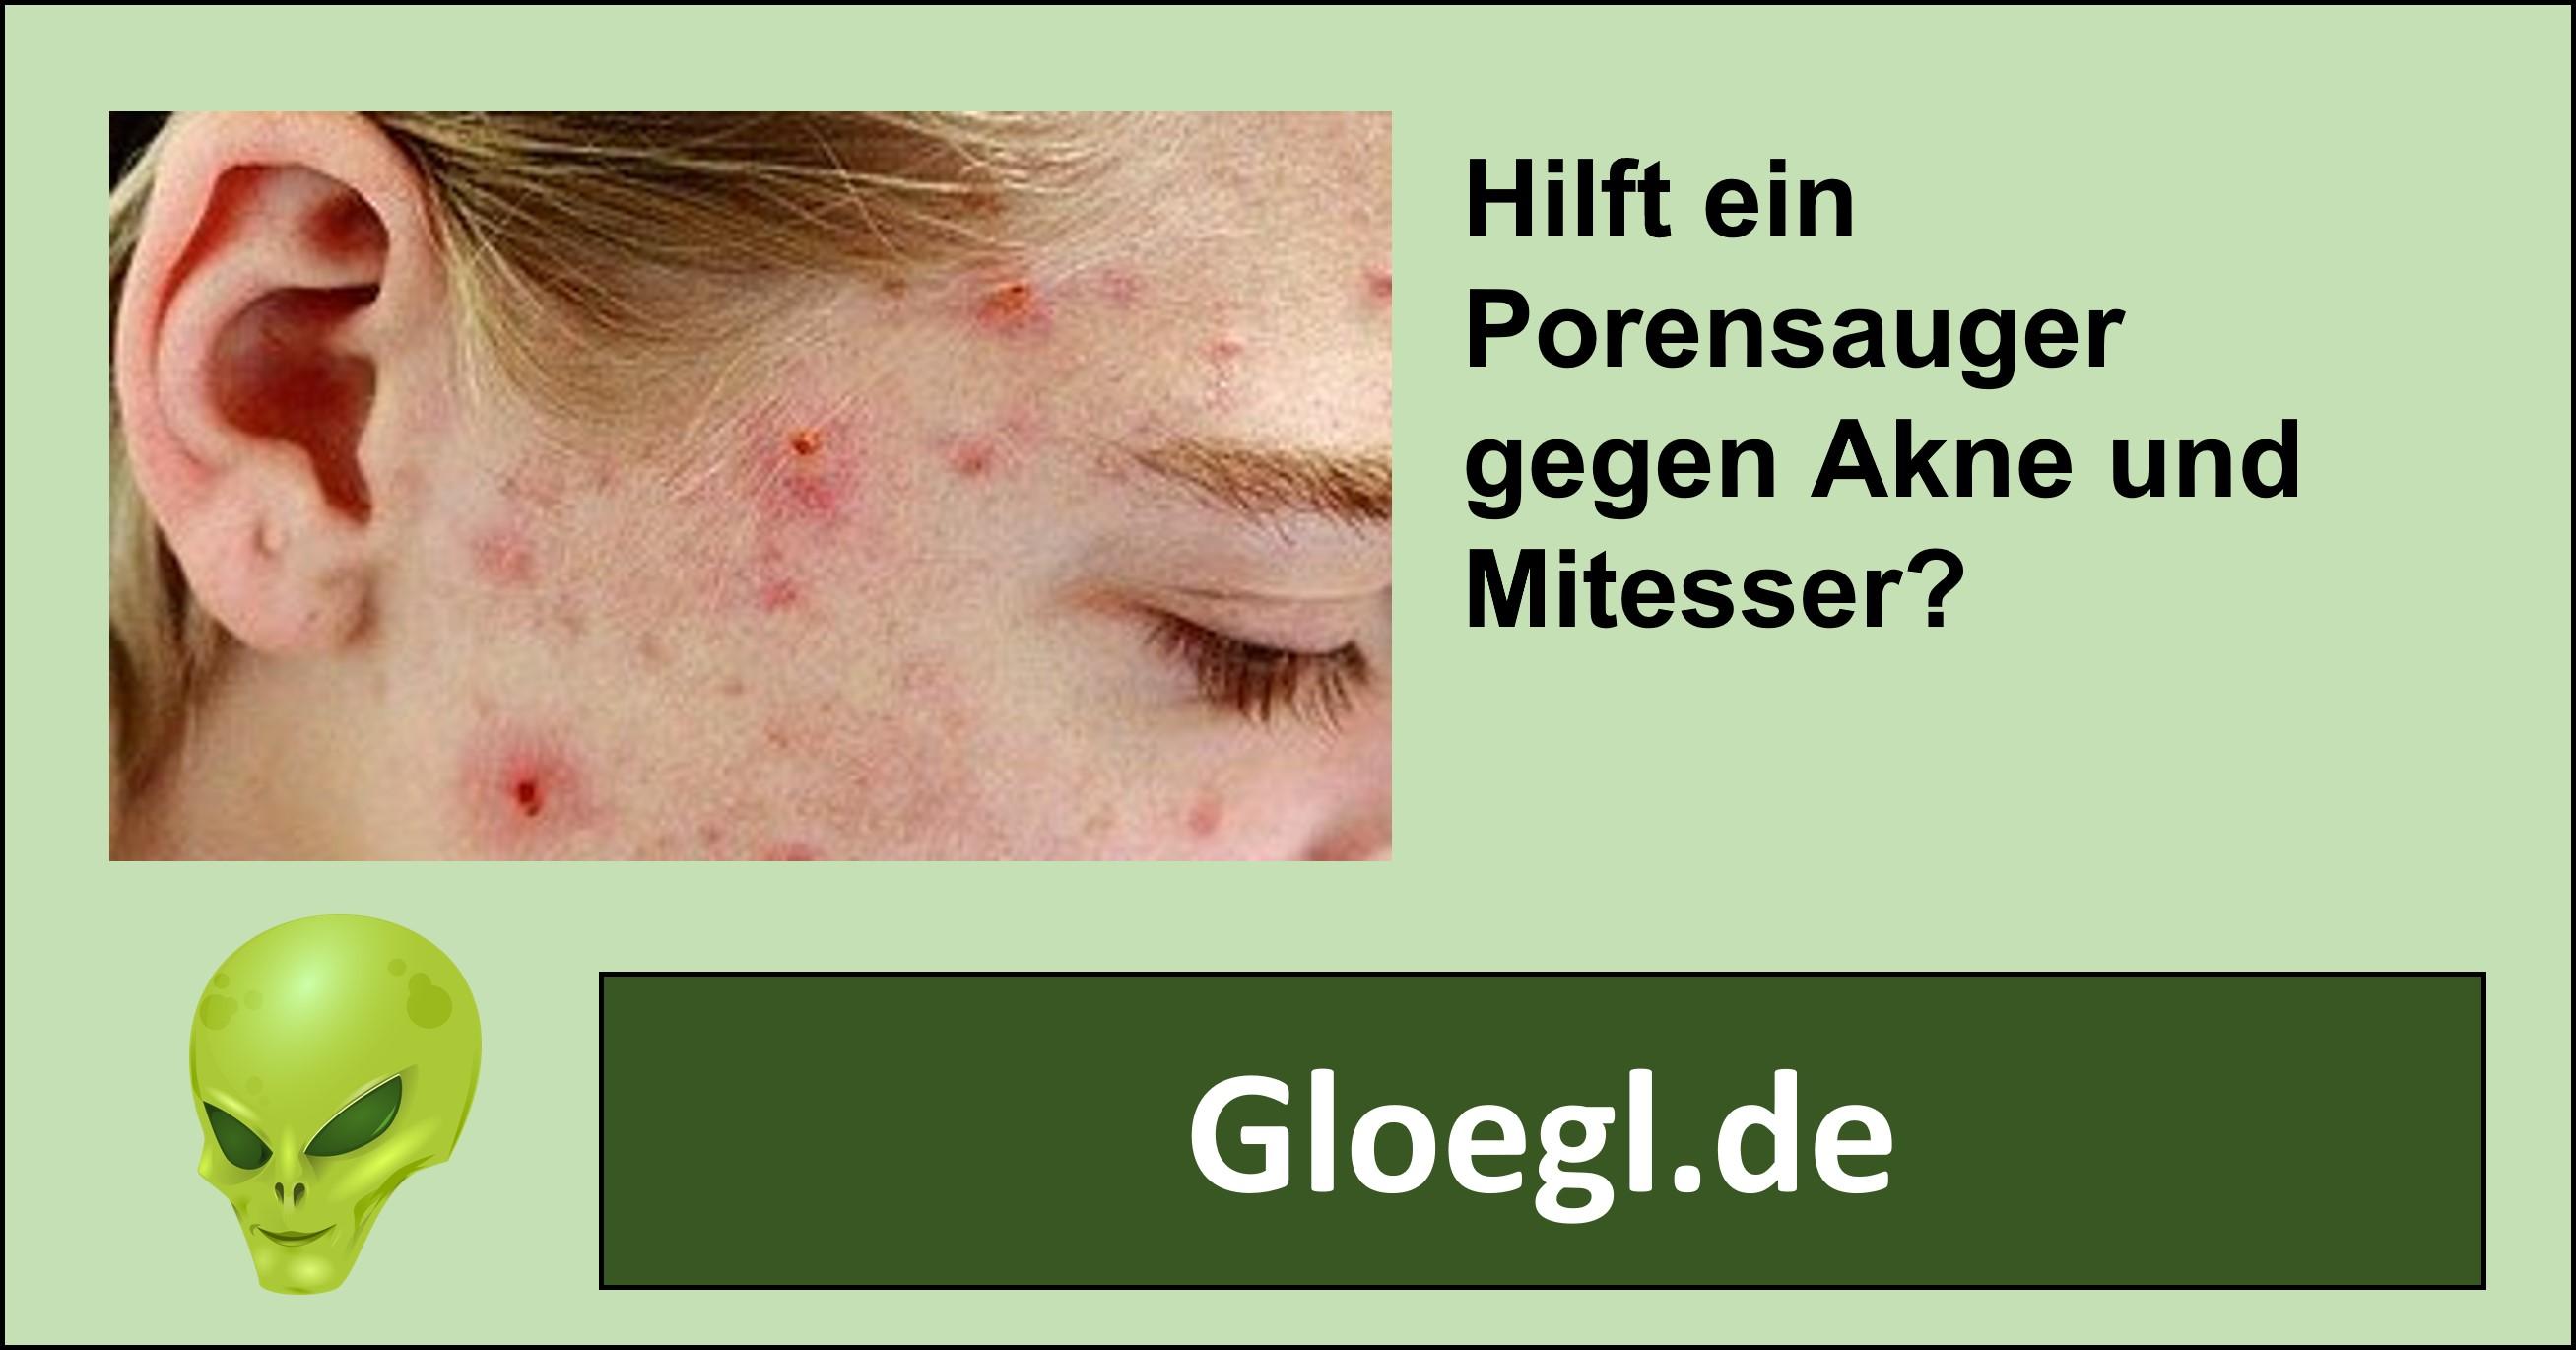 Der Porensauger - Wirksames Hilfsmittel gegen Pickel und Mitesser?